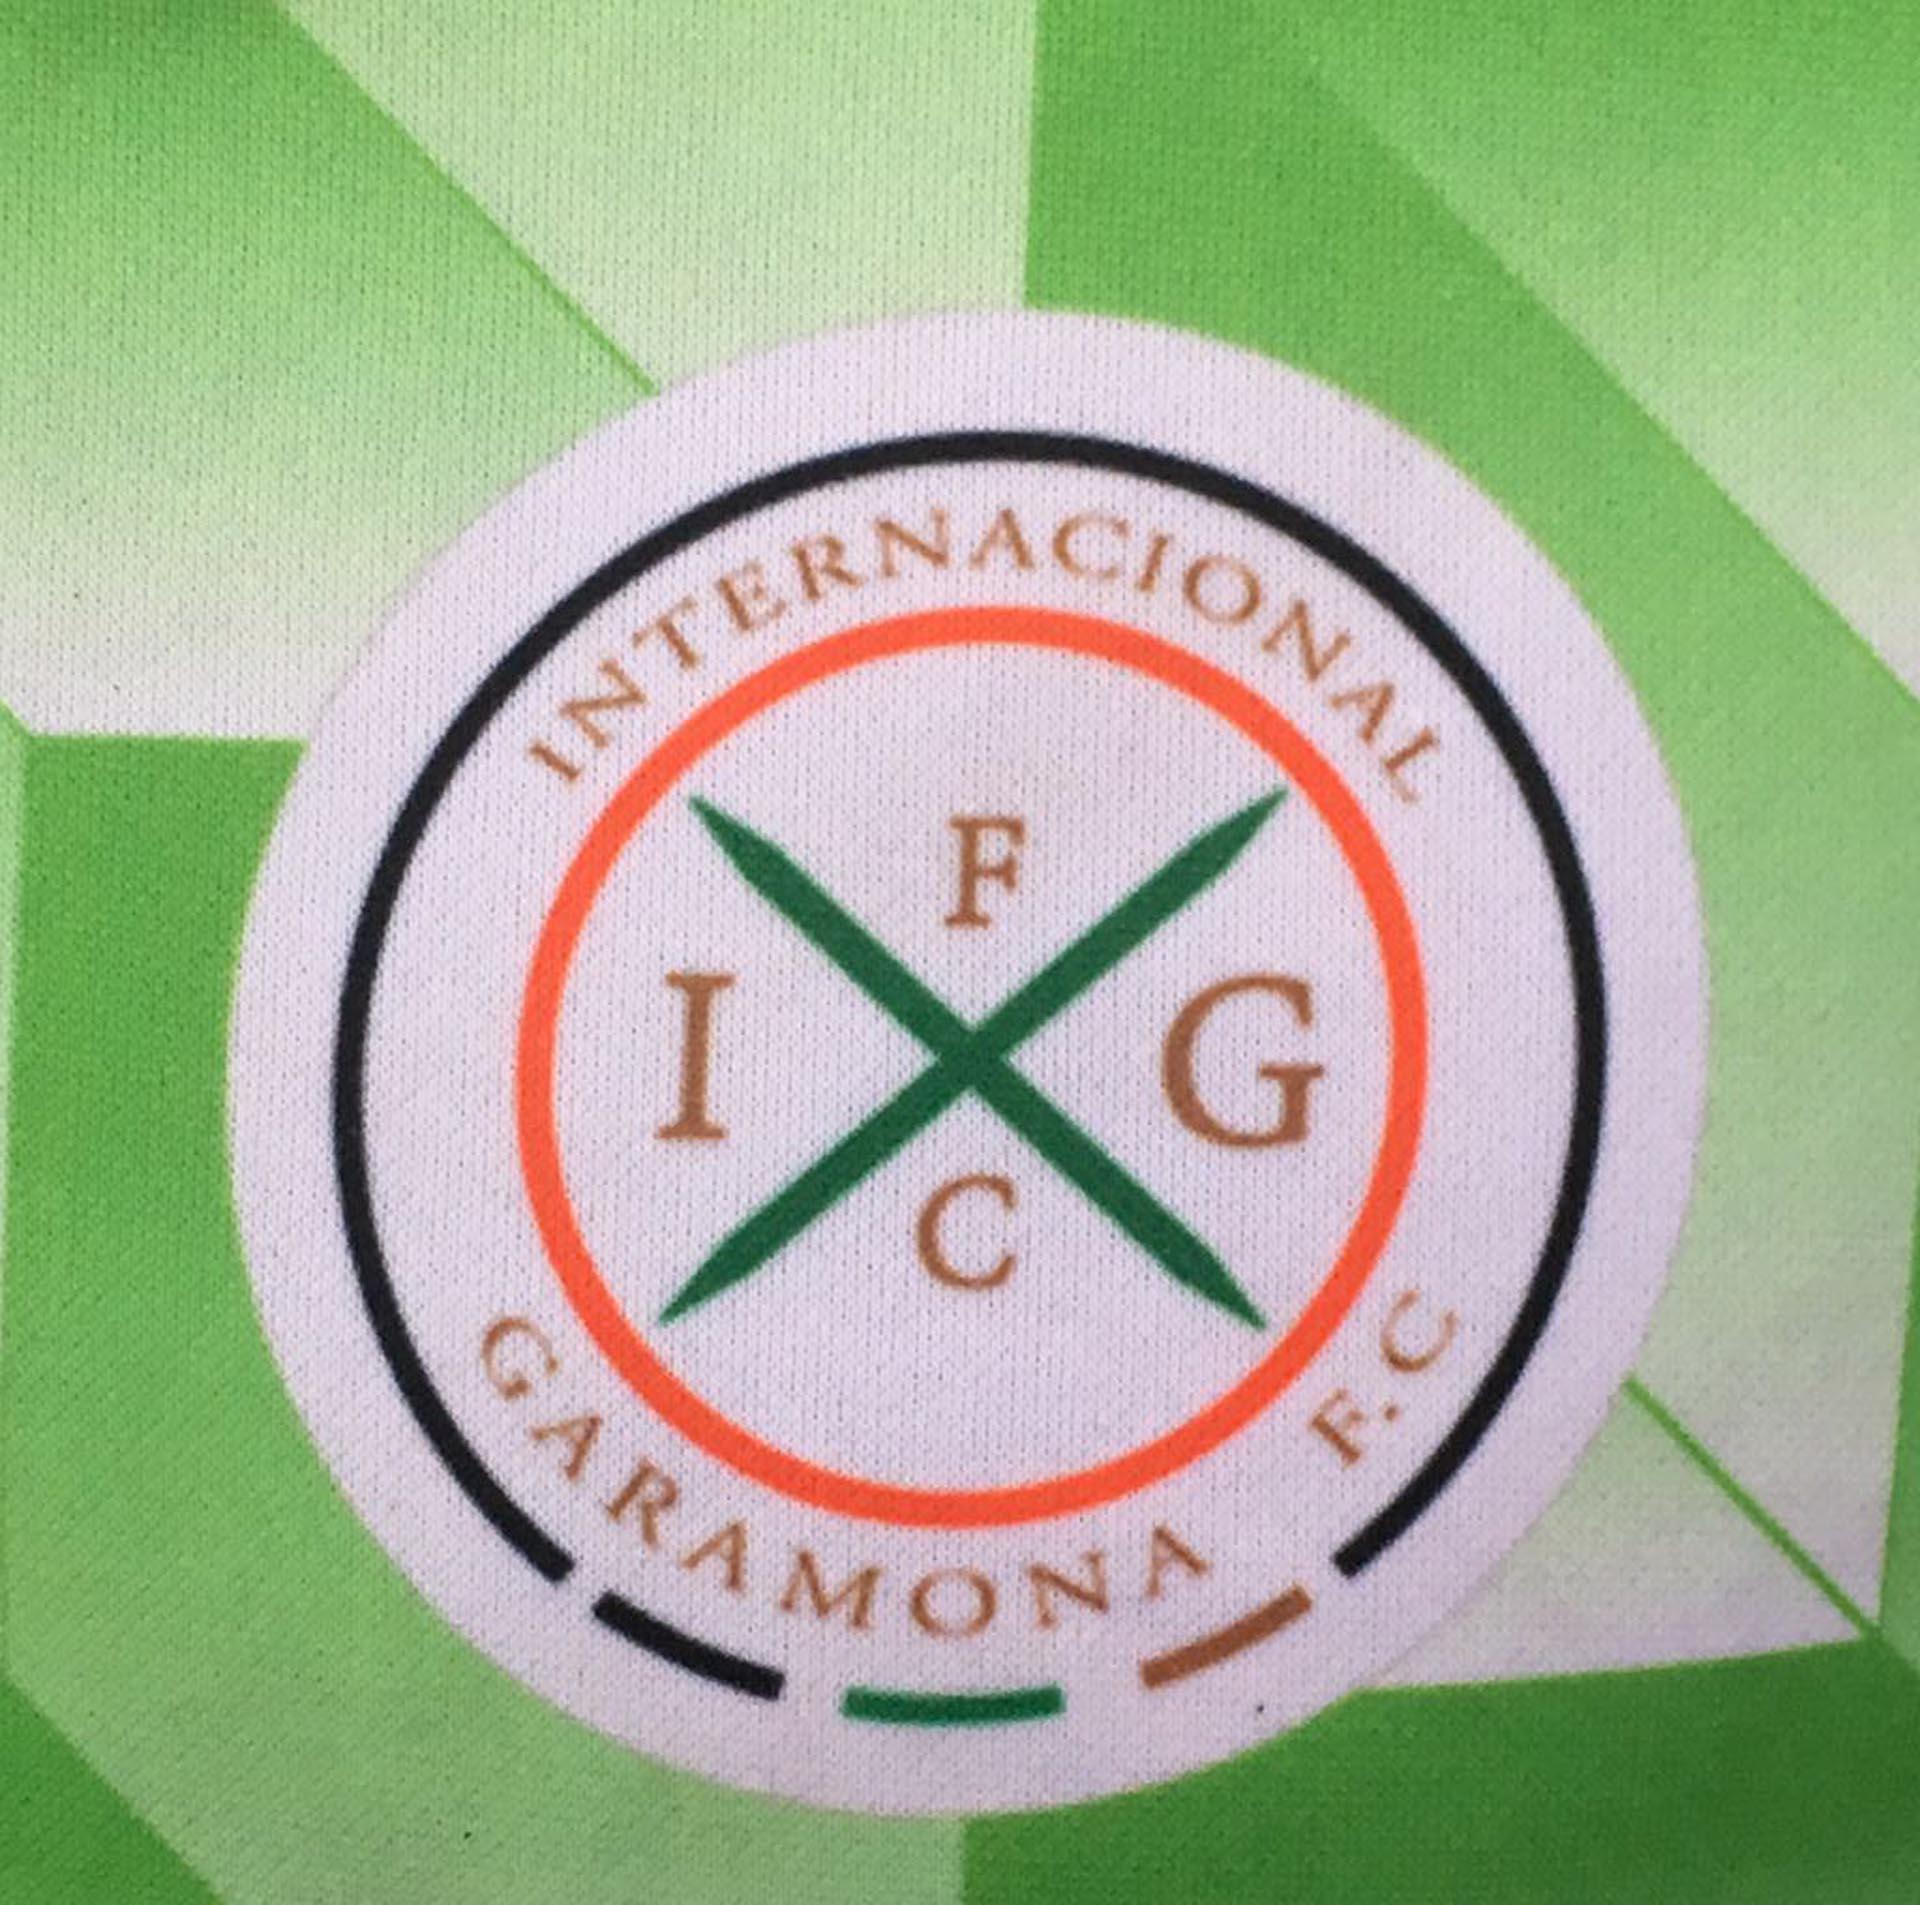 El escudo del Garamona Internacional FC